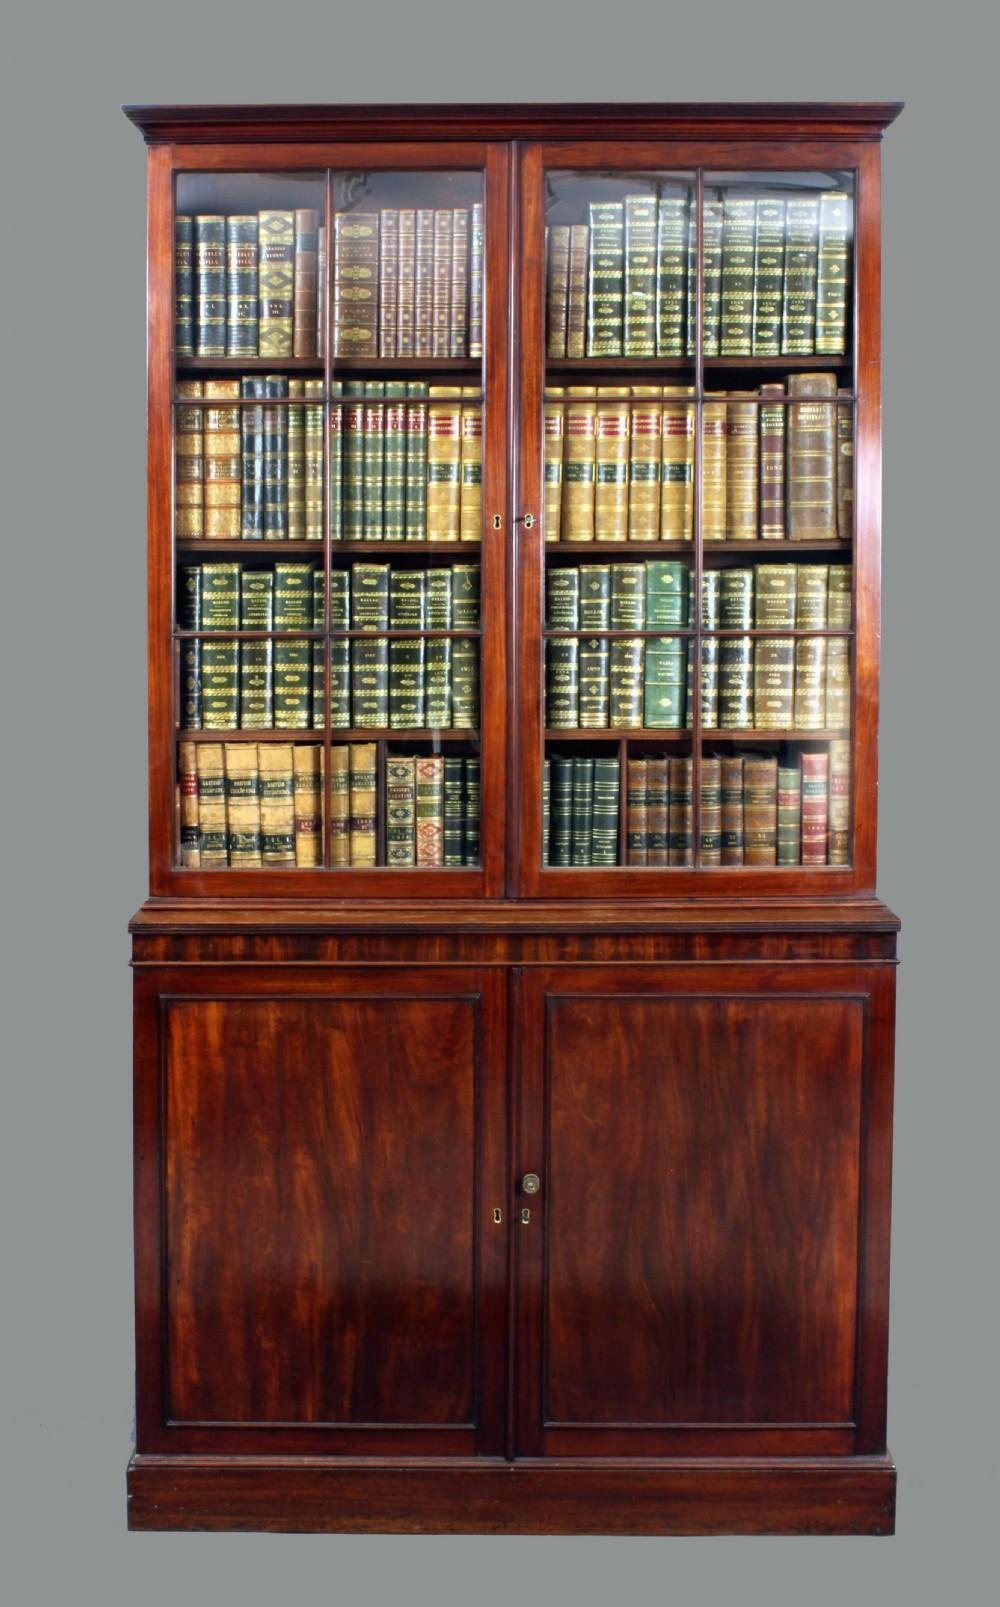 Old Bookcase Uk : Antique georgian mahogany bookcase